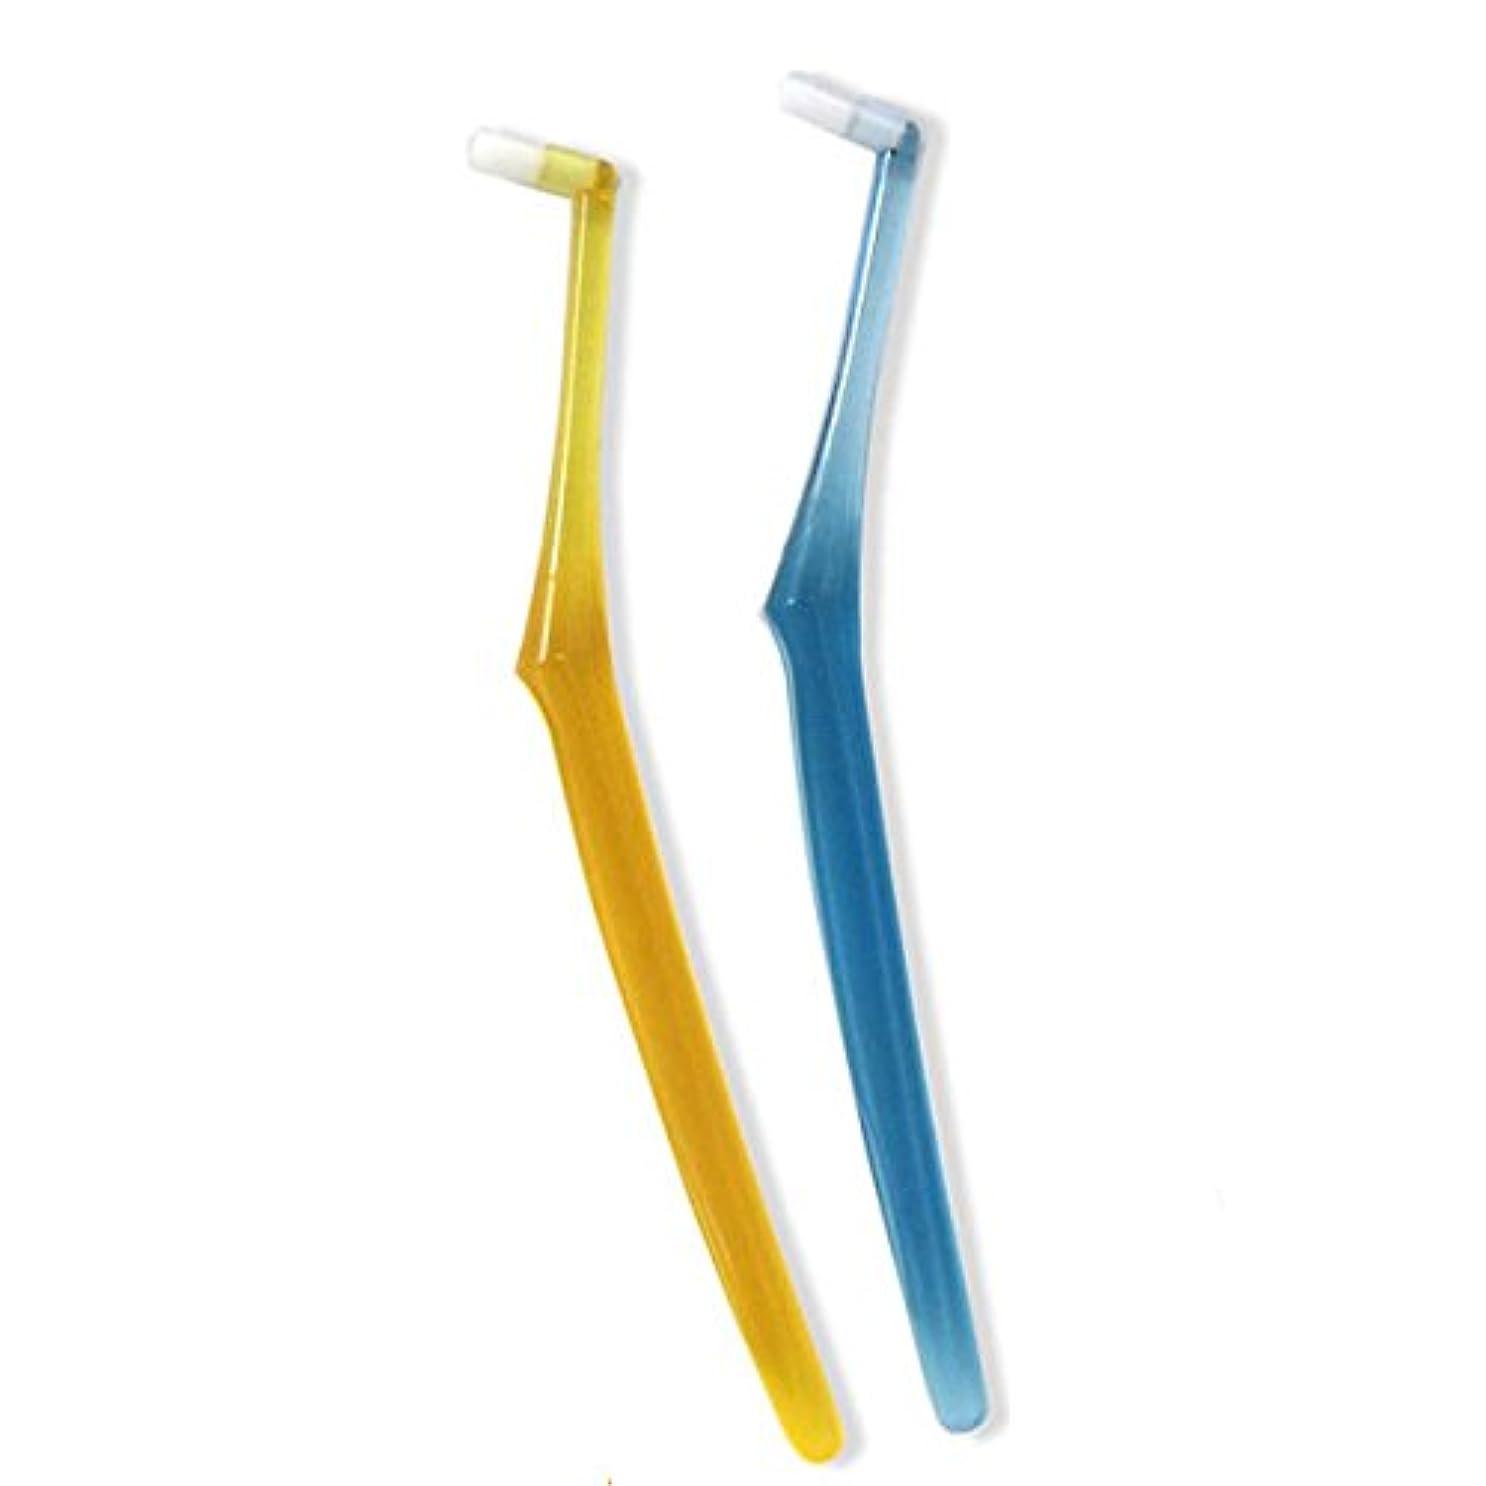 急いで分岐する誇張するワンタフト インプロインプラント専用 歯ブラシ (S(ソフト))